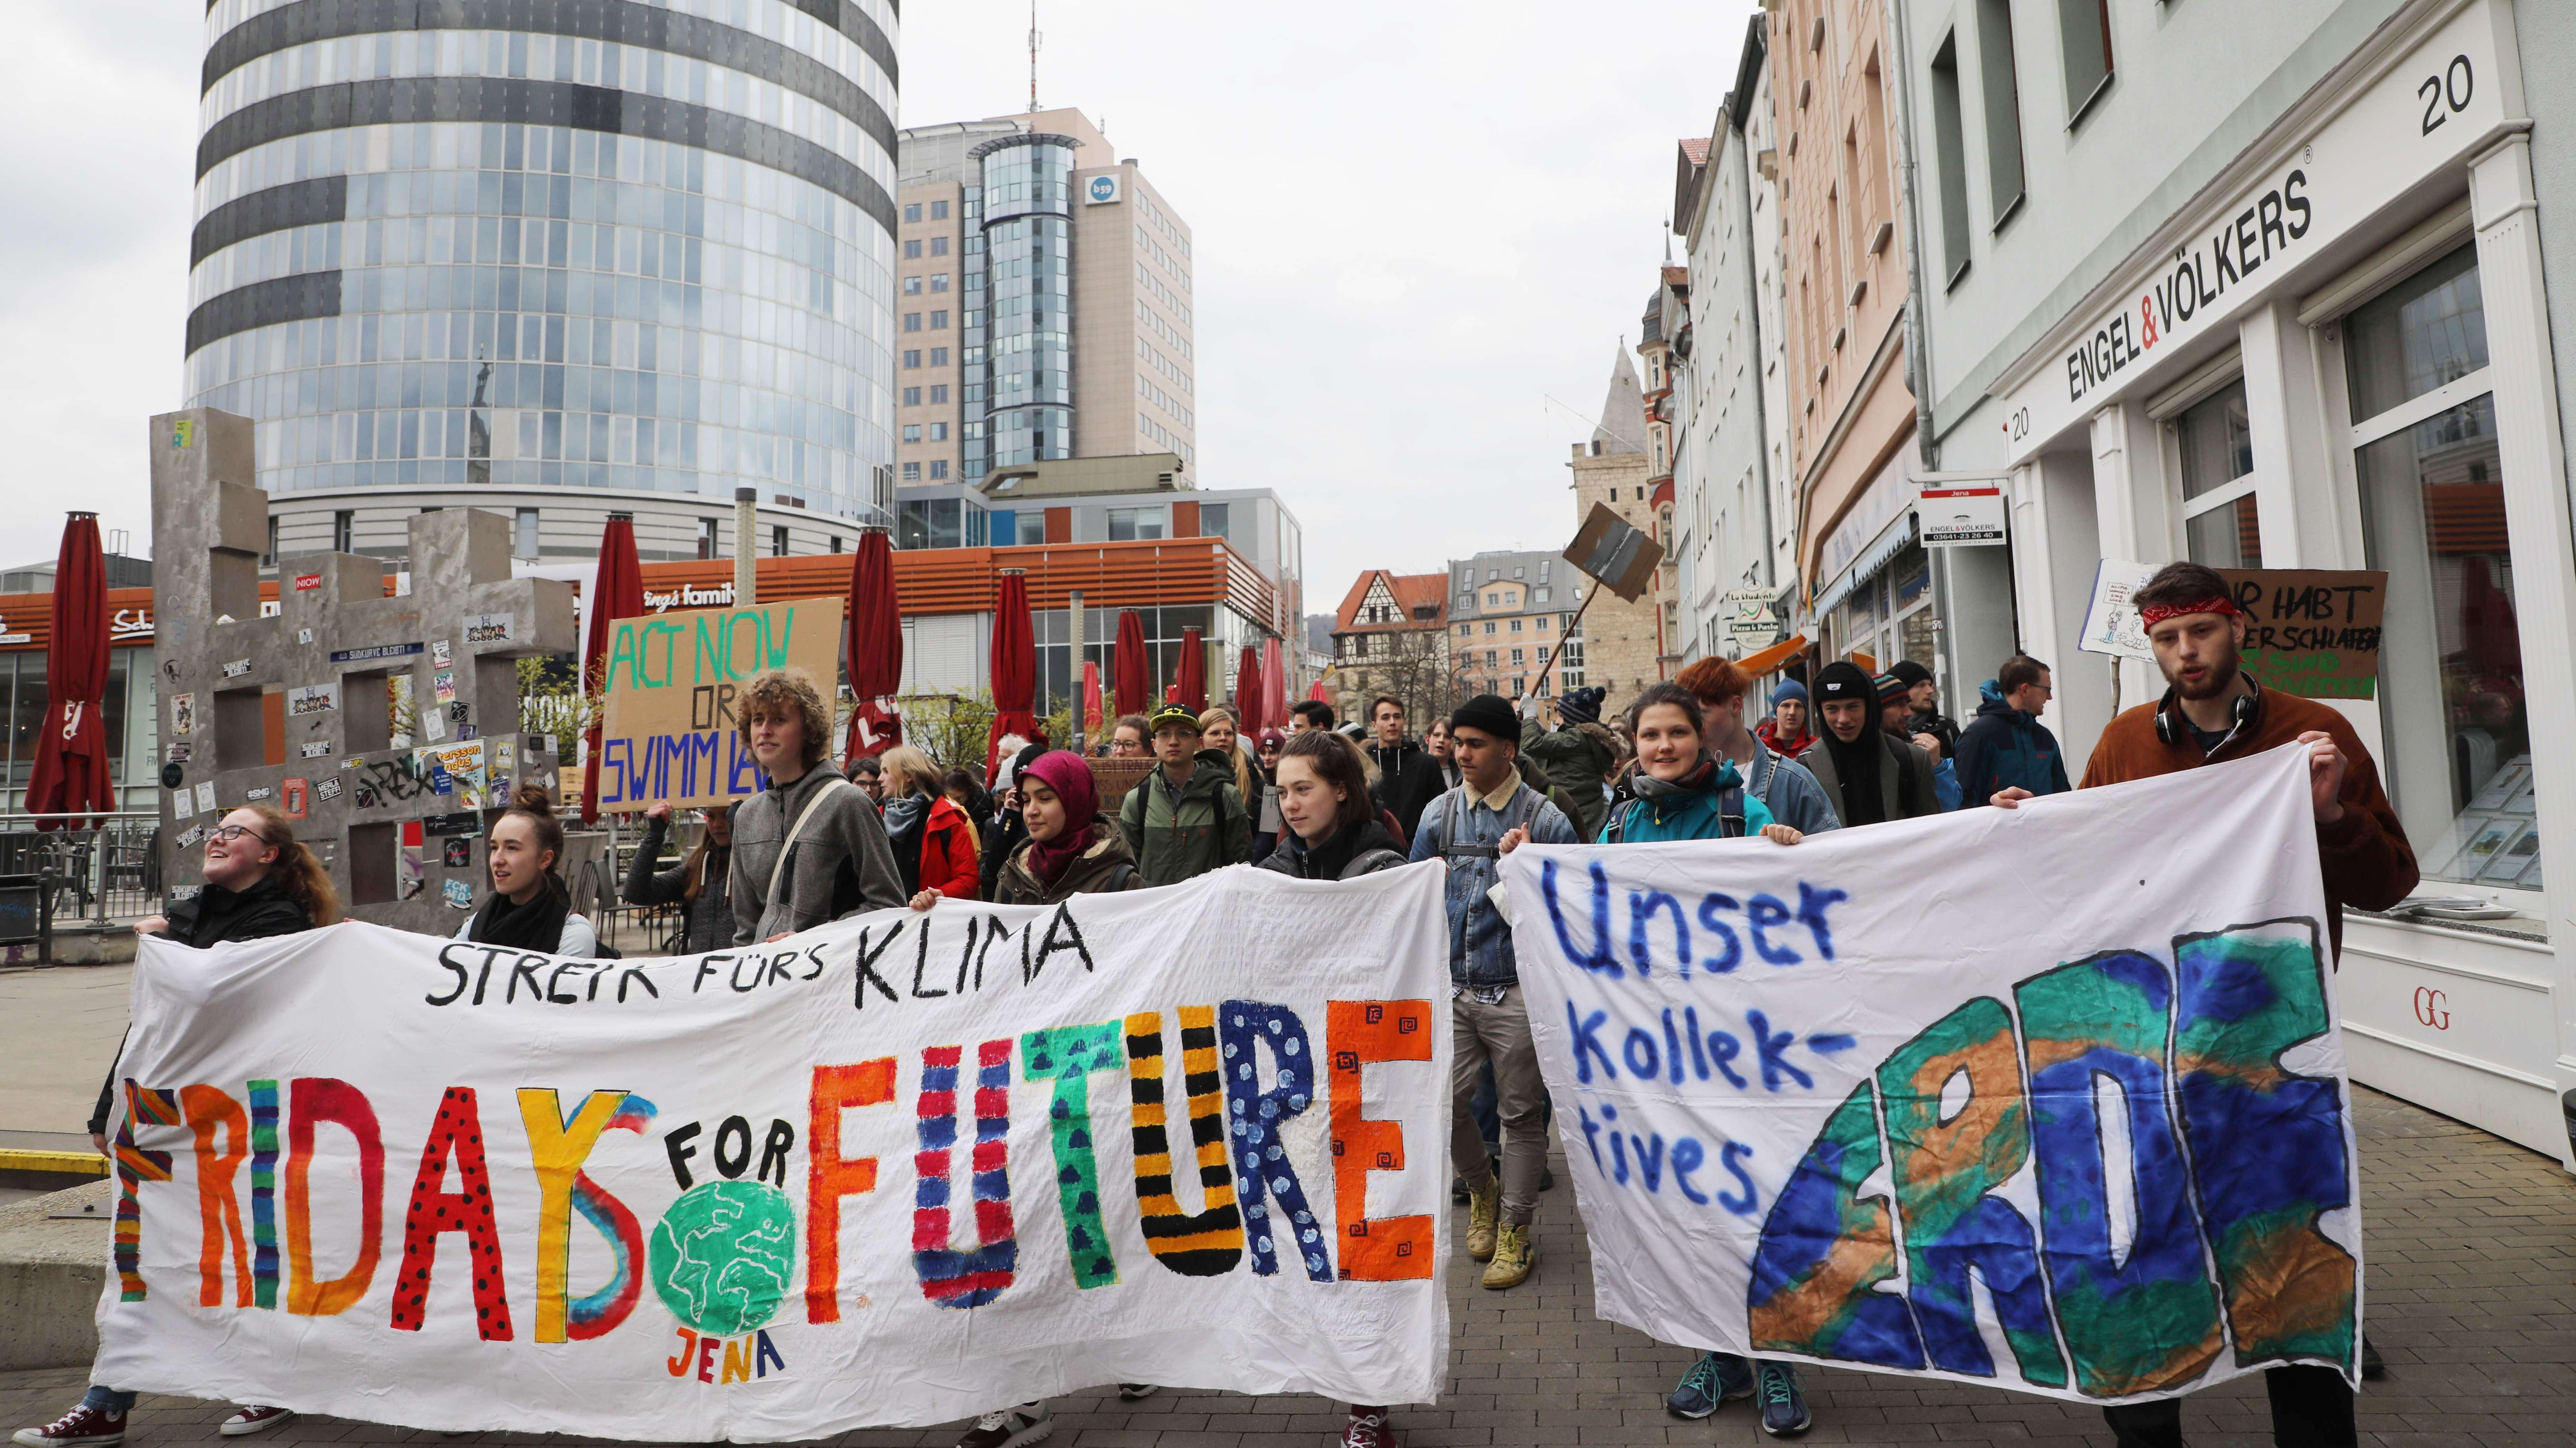 Schüler demonstrieren am 12.04.2019 in der Innenstadt von Jena